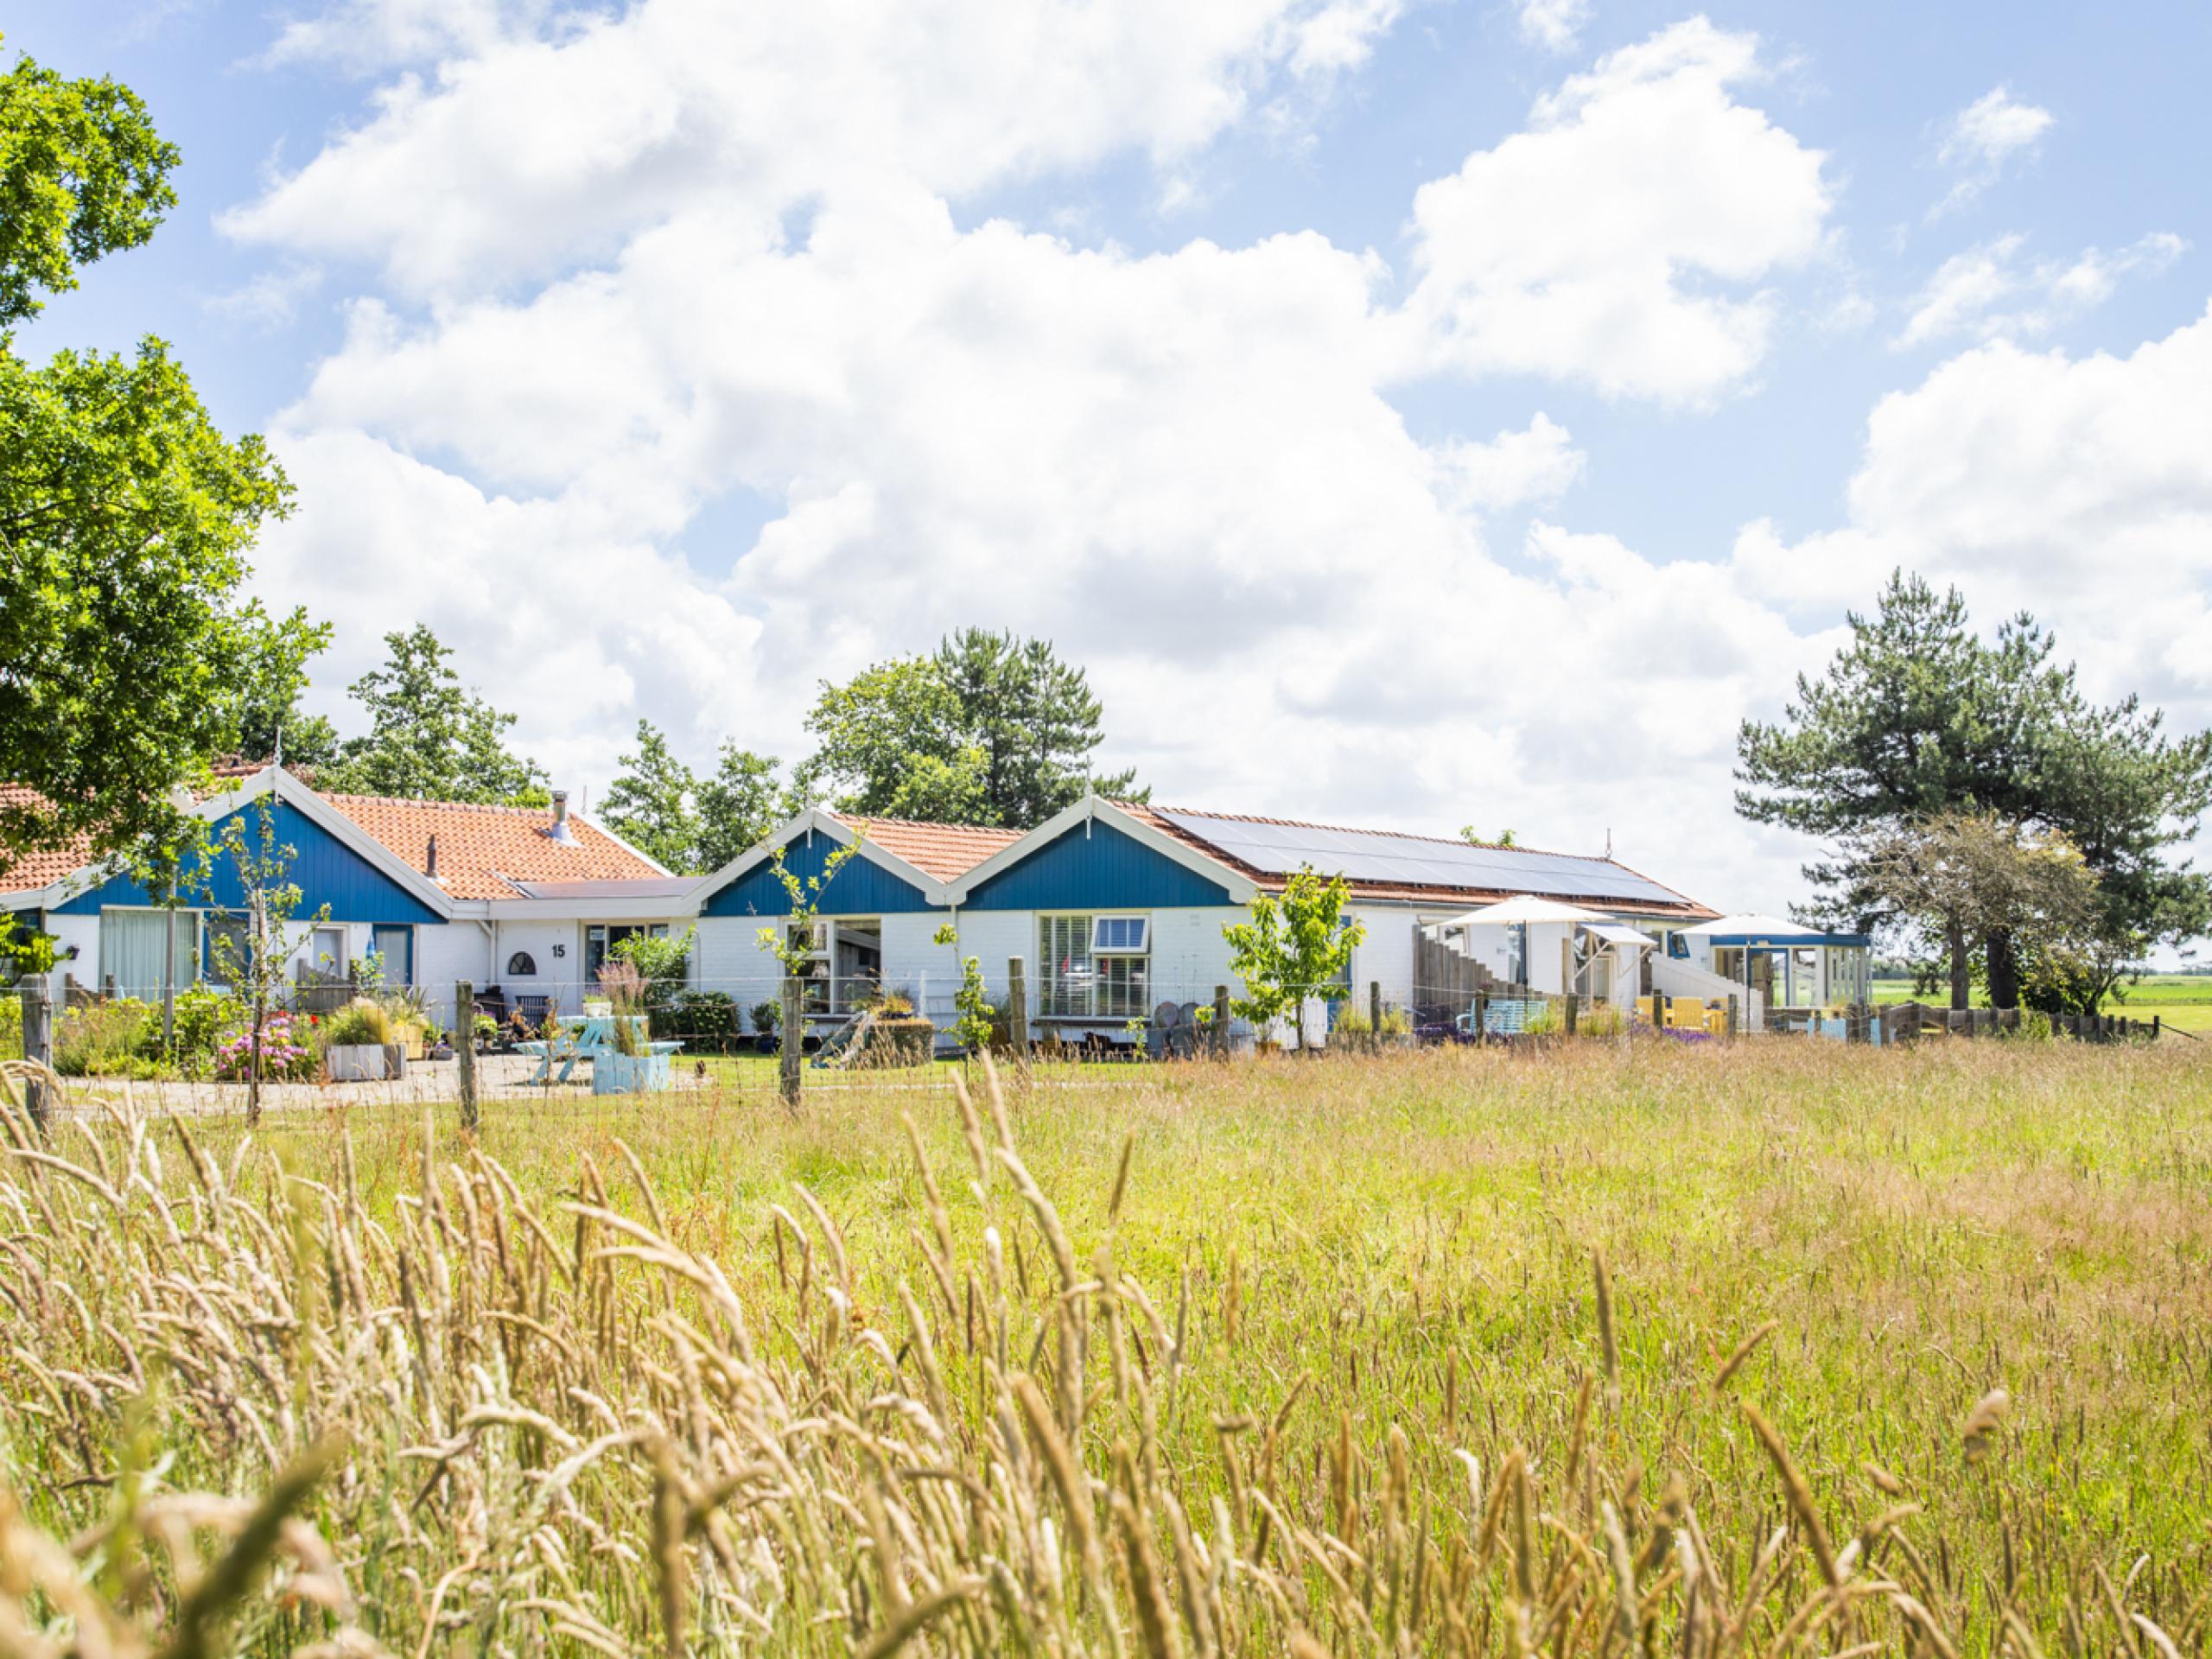 Verrassend royaal vakantiehuis met een fijn terras en fraai uitzicht, vlakbij het bos De Dennen